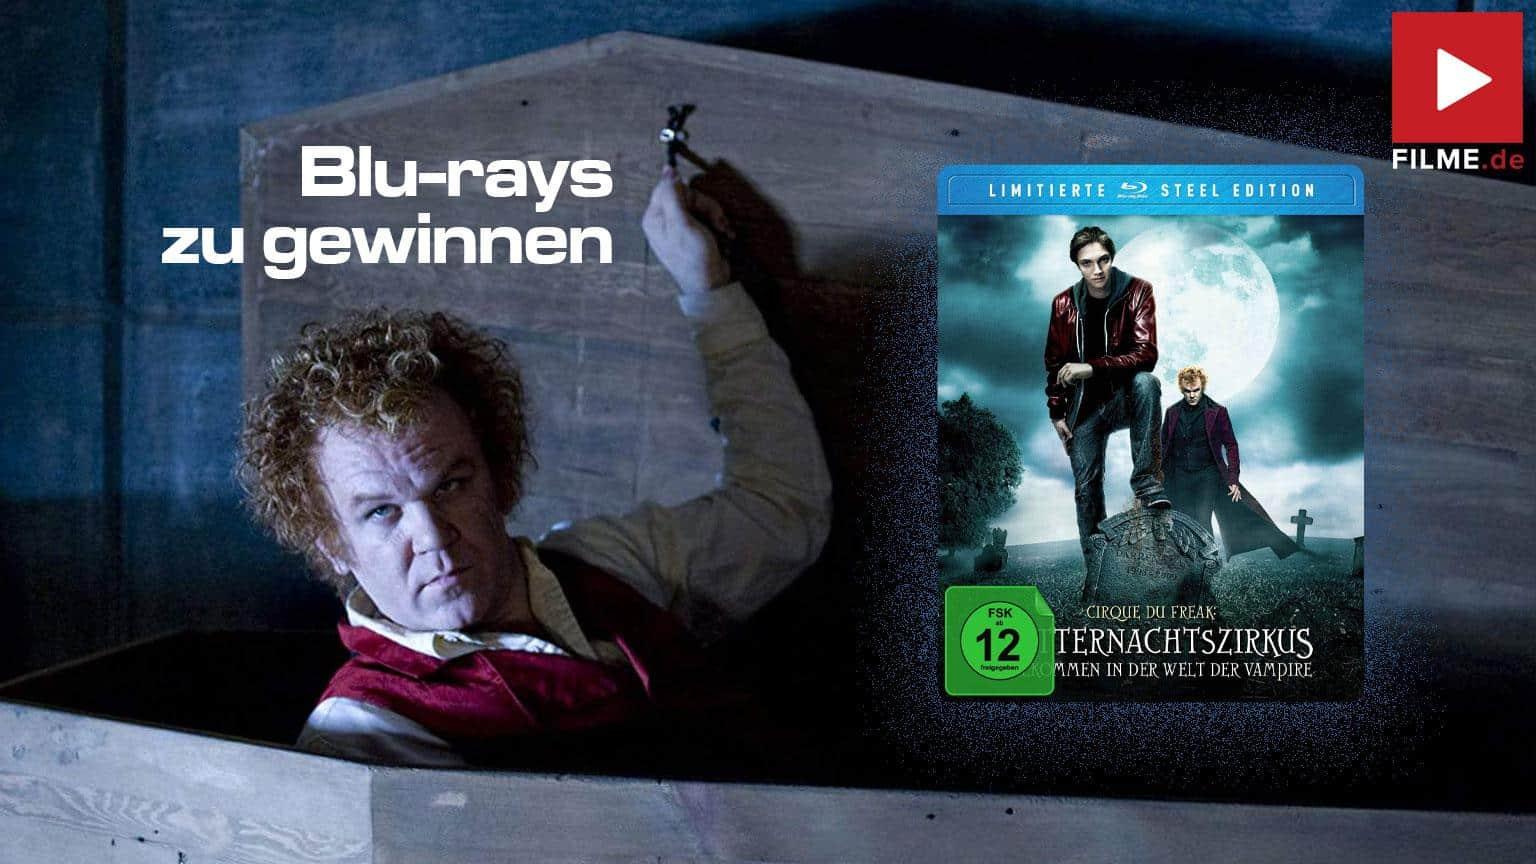 Cirque Du Freak - Mitternachtszirkus (Limitierte Steel Edition) [Blu-ray] Gewinnspiel gewinnen shop kaufen Artikelbild